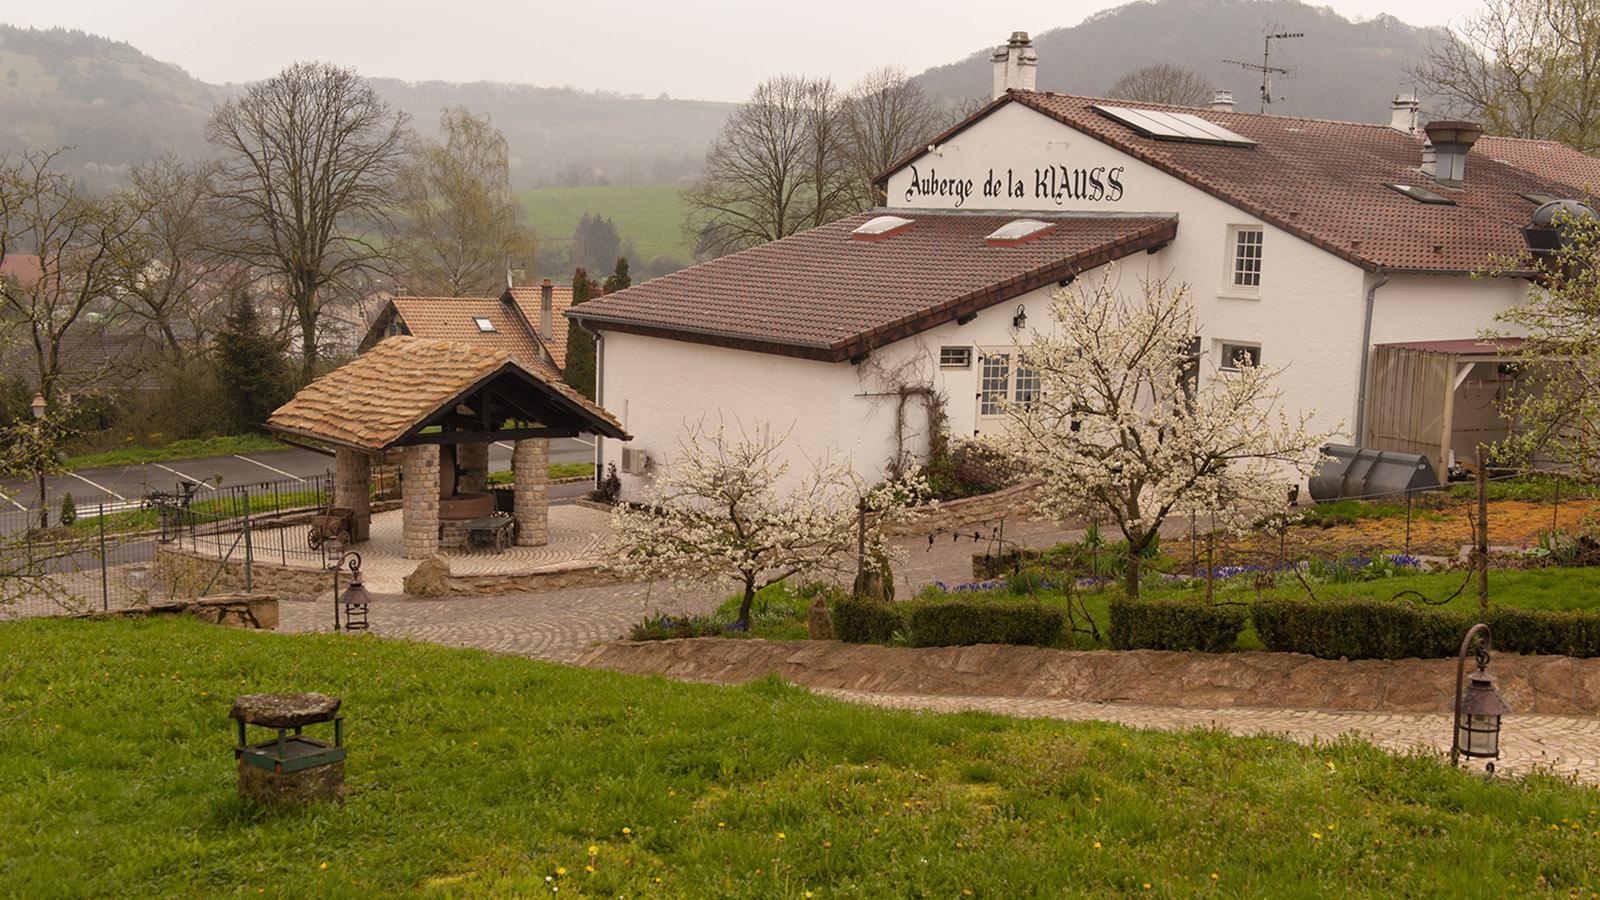 Domaine de la Klauss. Die Auberge de la Klaussm Keimzelle des Hospitality-Komplexes. Foto: Hilke Maunder